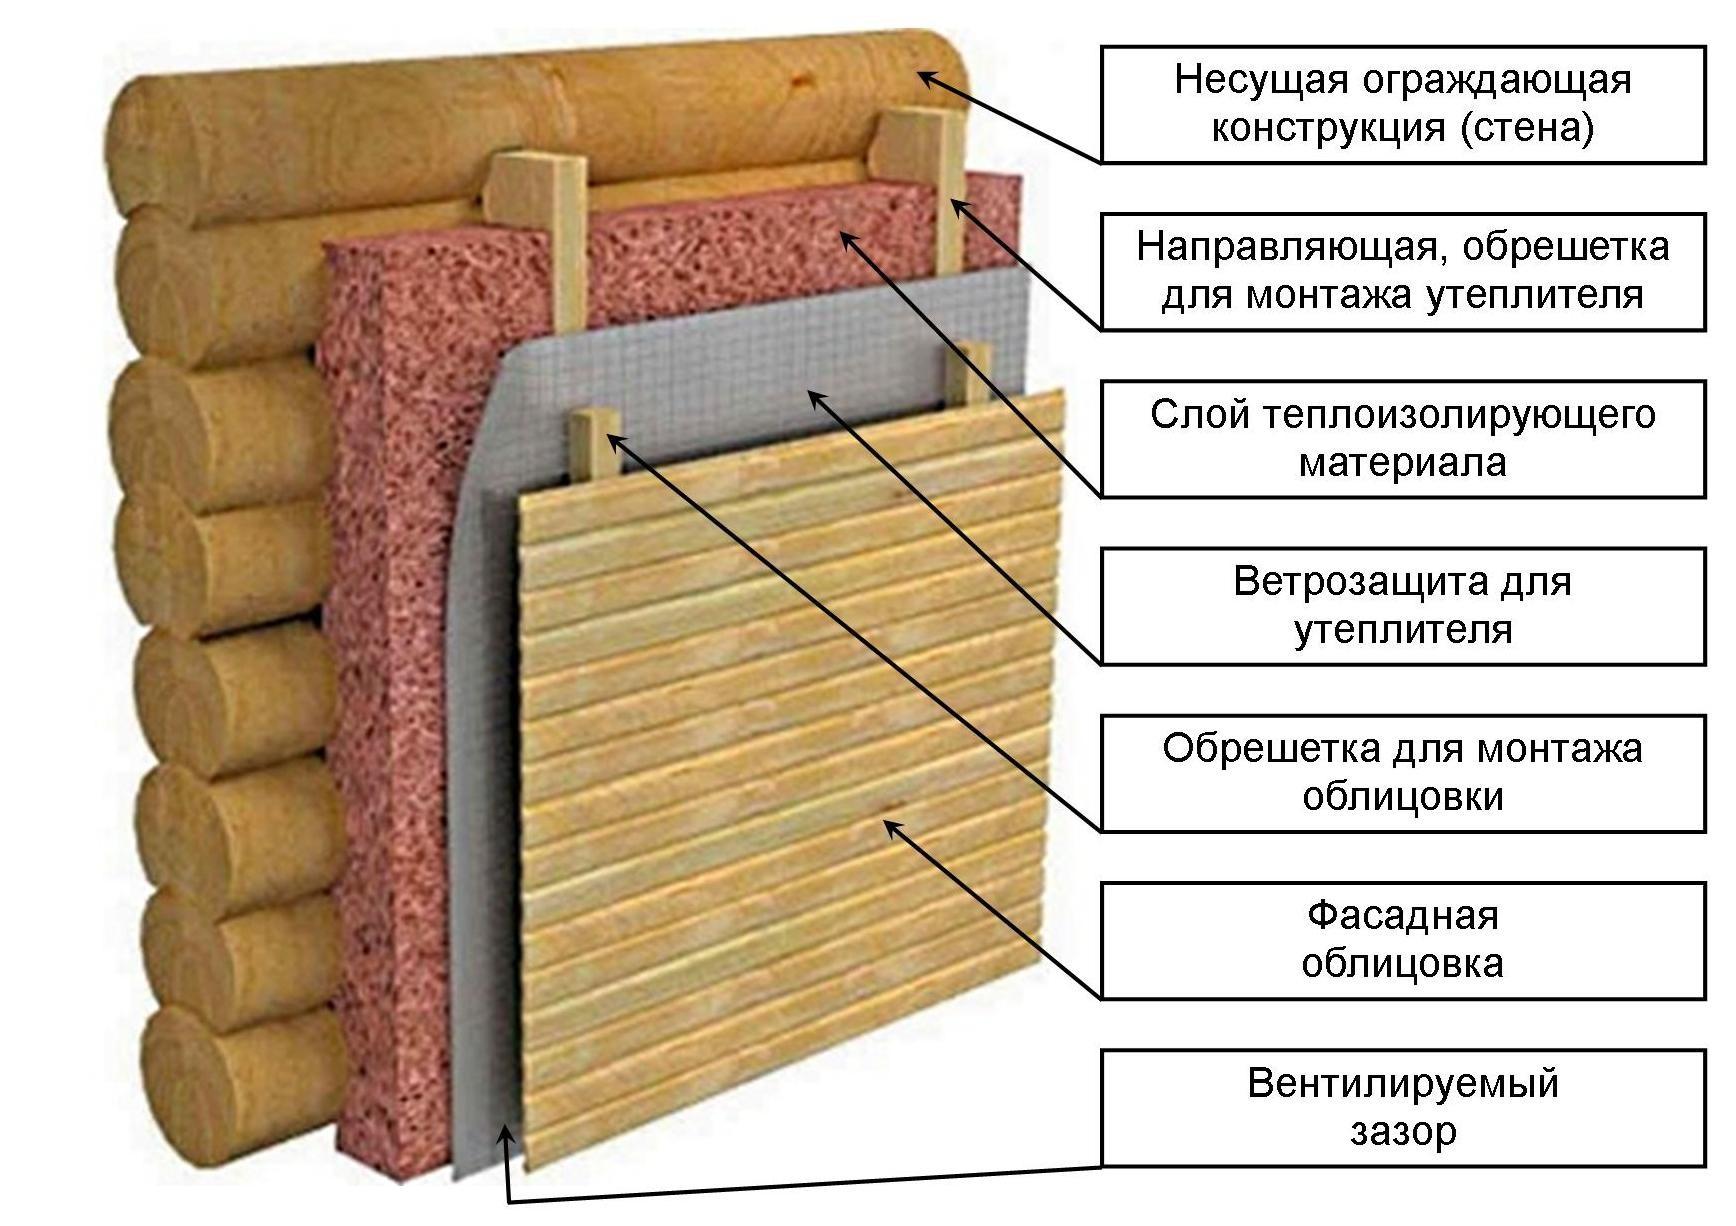 Утеплители - виды и характеристики, применение, цена материалов